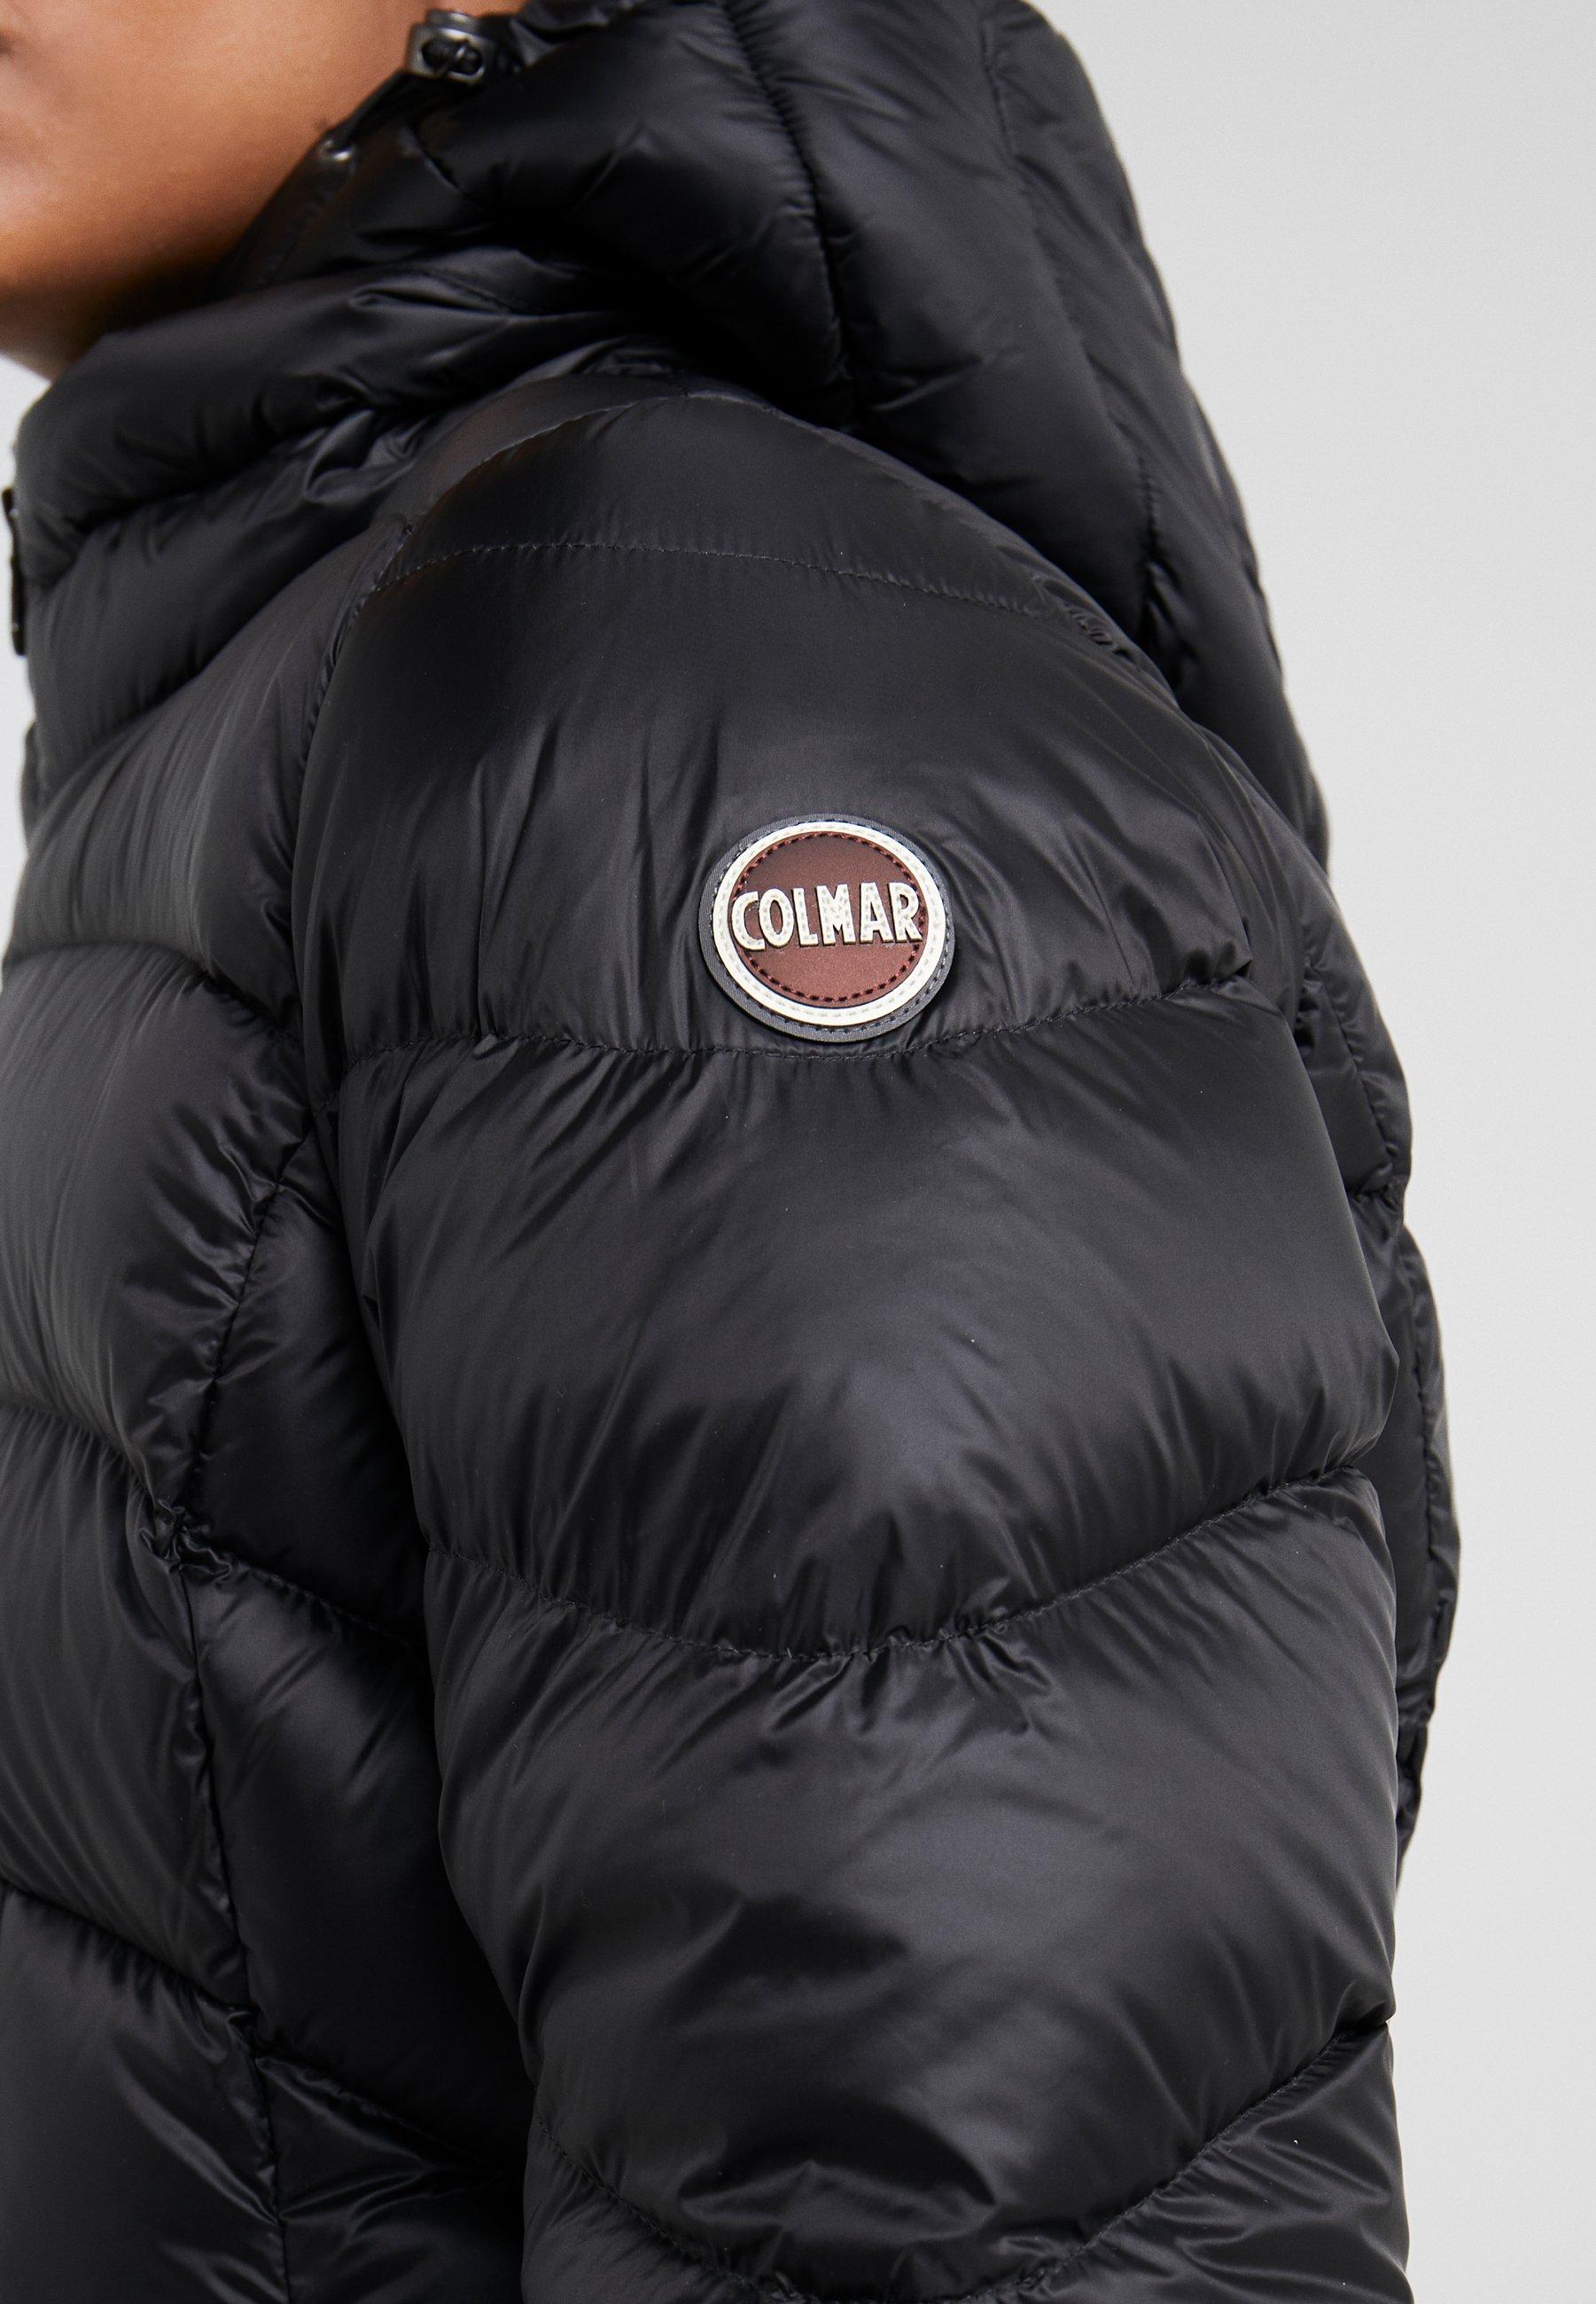 Colmar Originals Piumino black